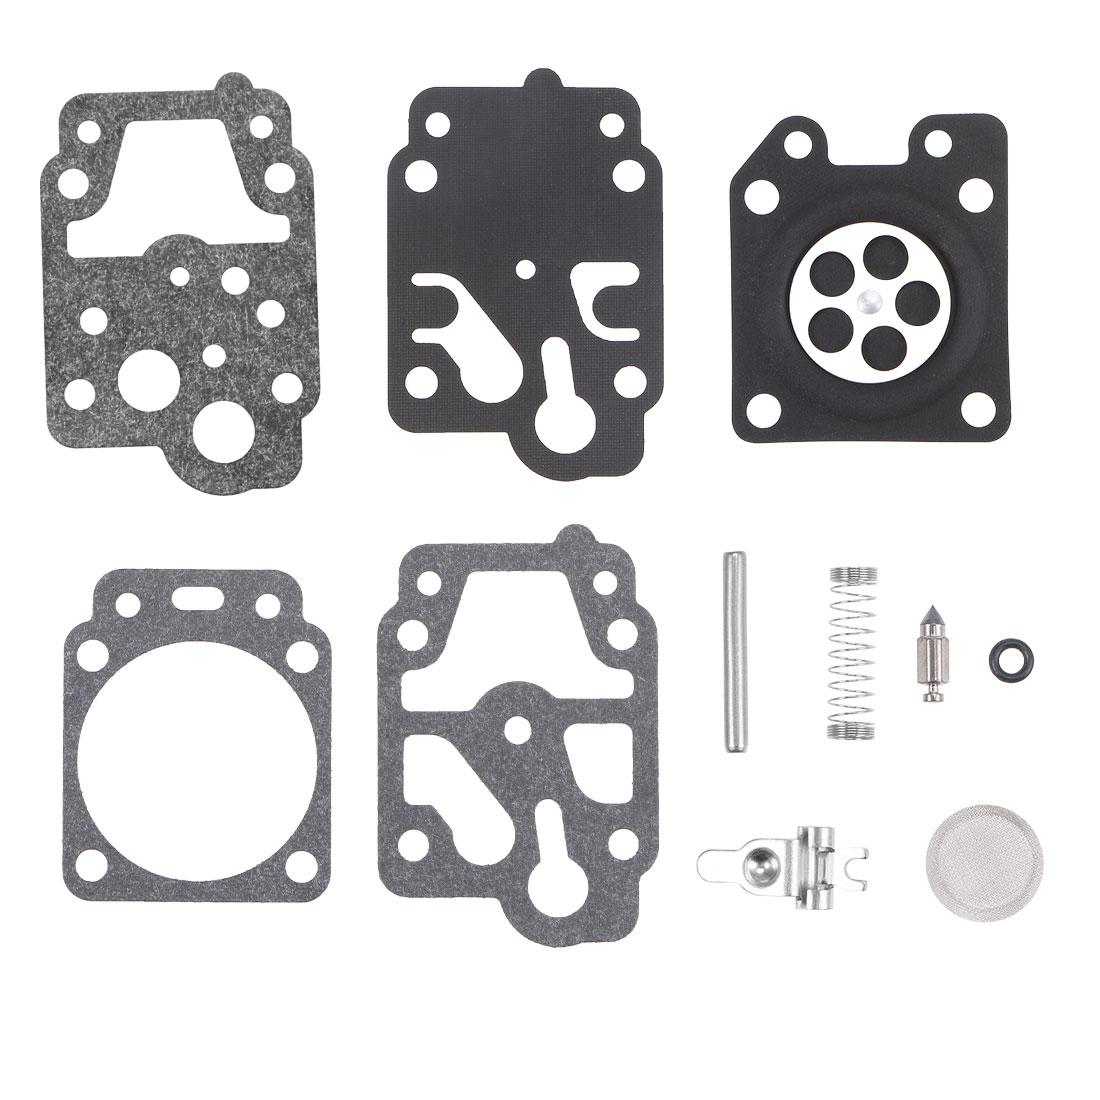 Carburetor Rebuild Kit Gasket Diaphragm K10-WYC for WYC-1-1 WYC-17-1 Carb 2pcs